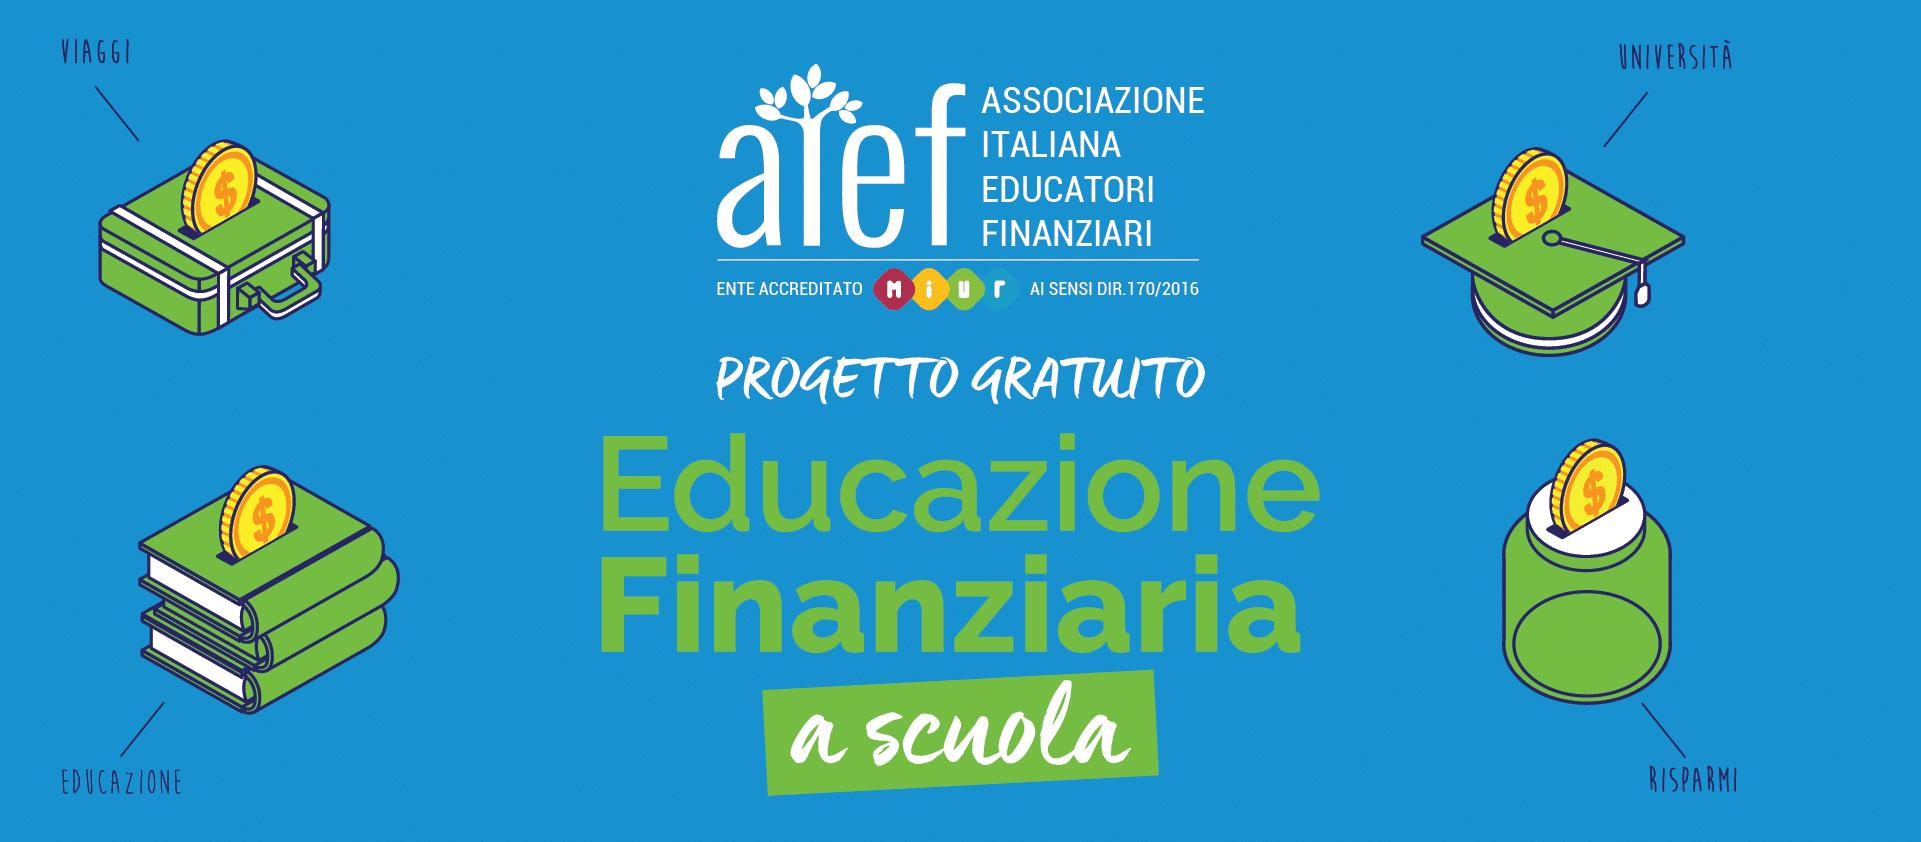 Progetto gratuito scuole